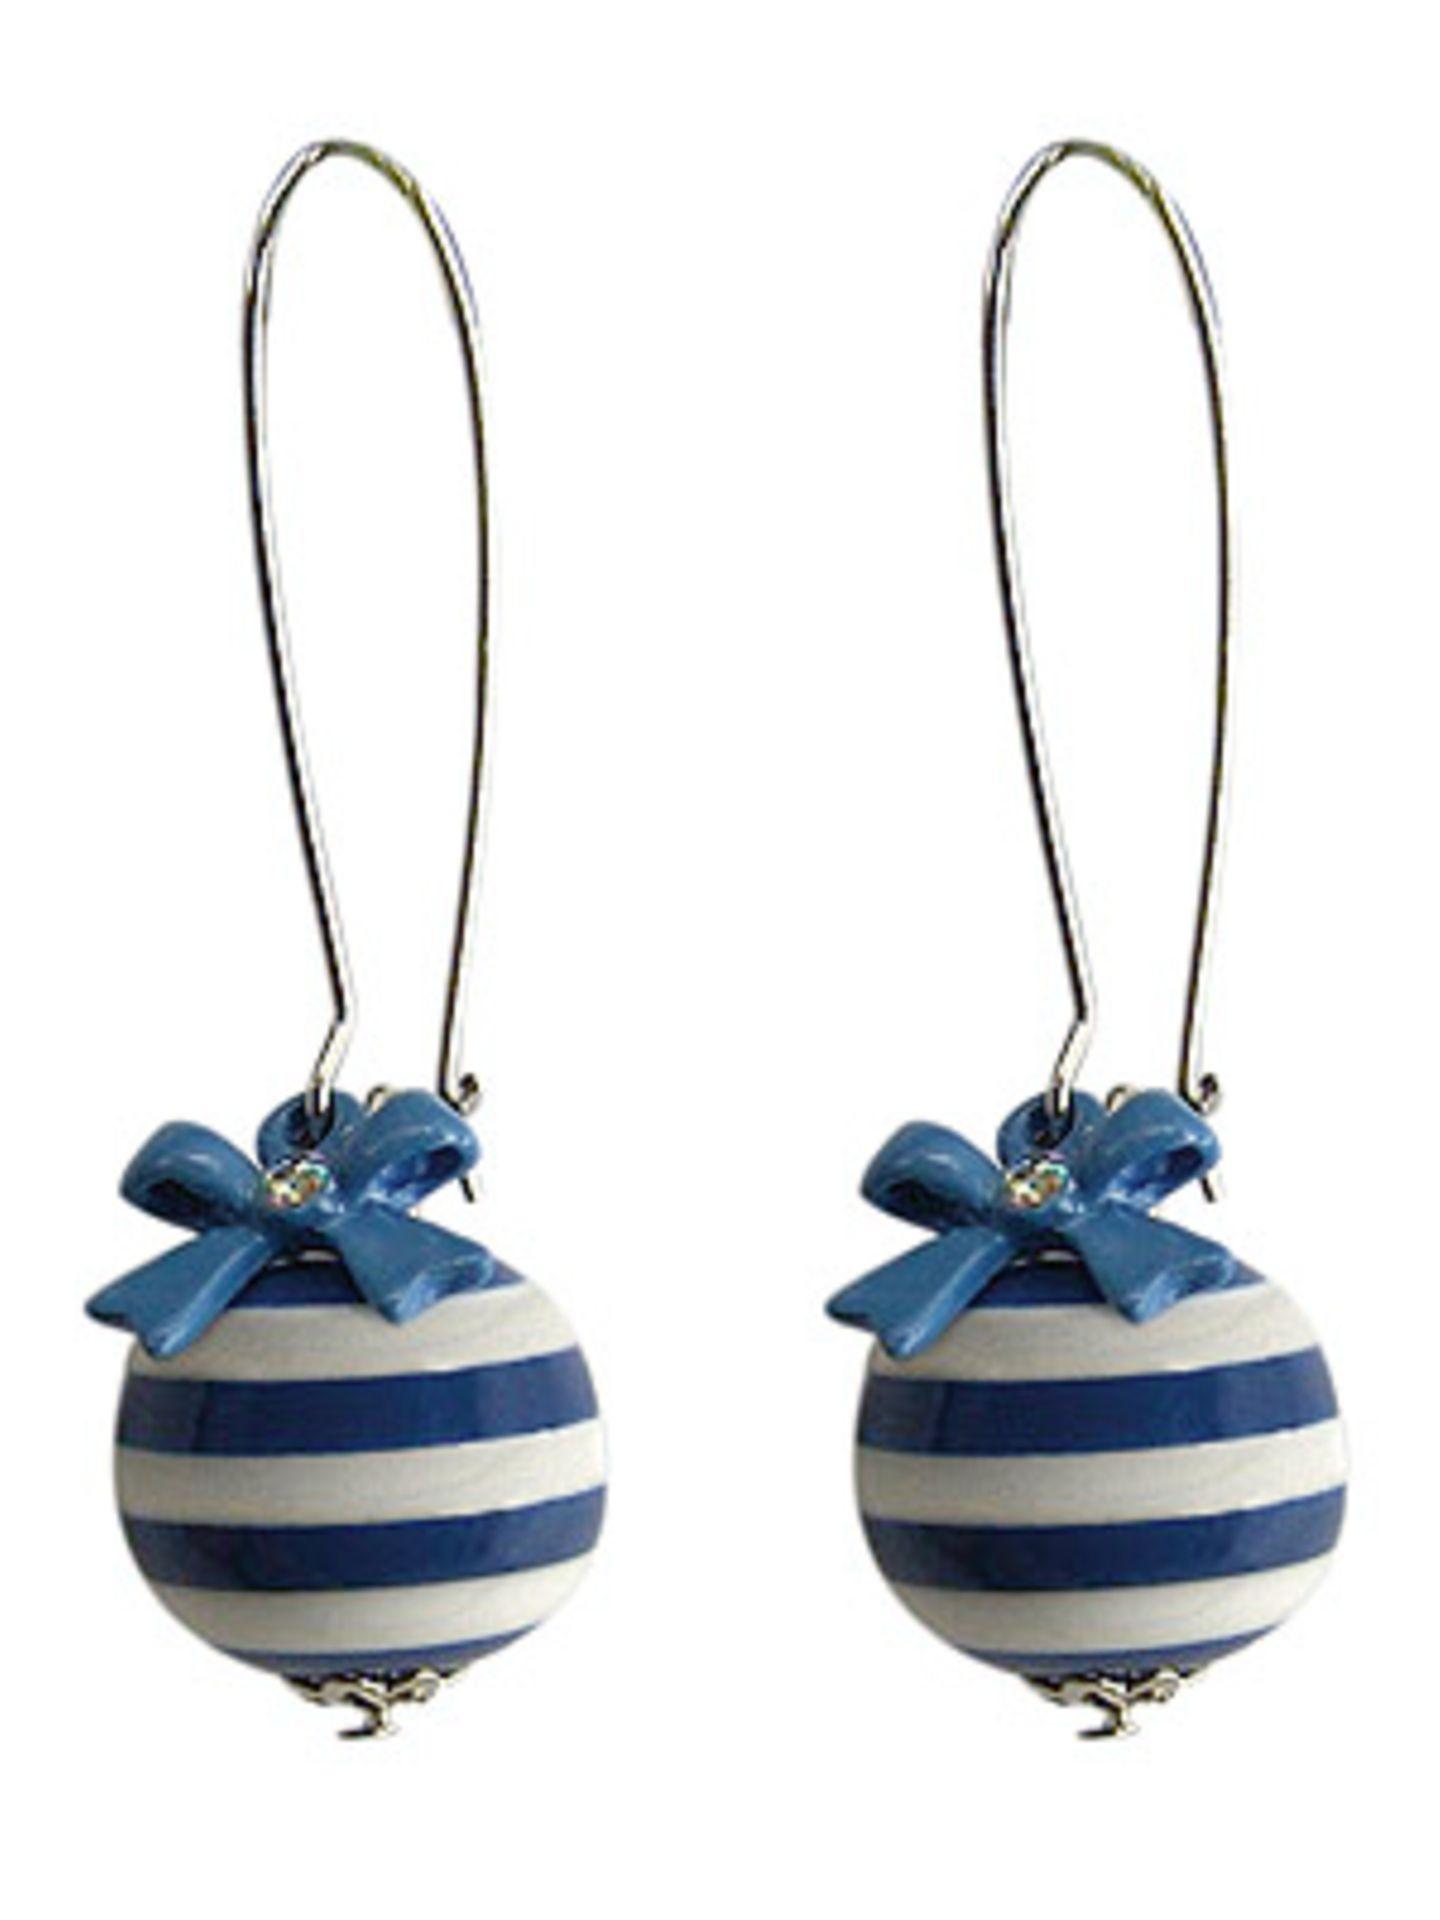 Ohrringe aus blau-weiß gestreiften Kunststoff-Kugeln mit blauen Schleifchen; 3,95 Euro; von Deichmann